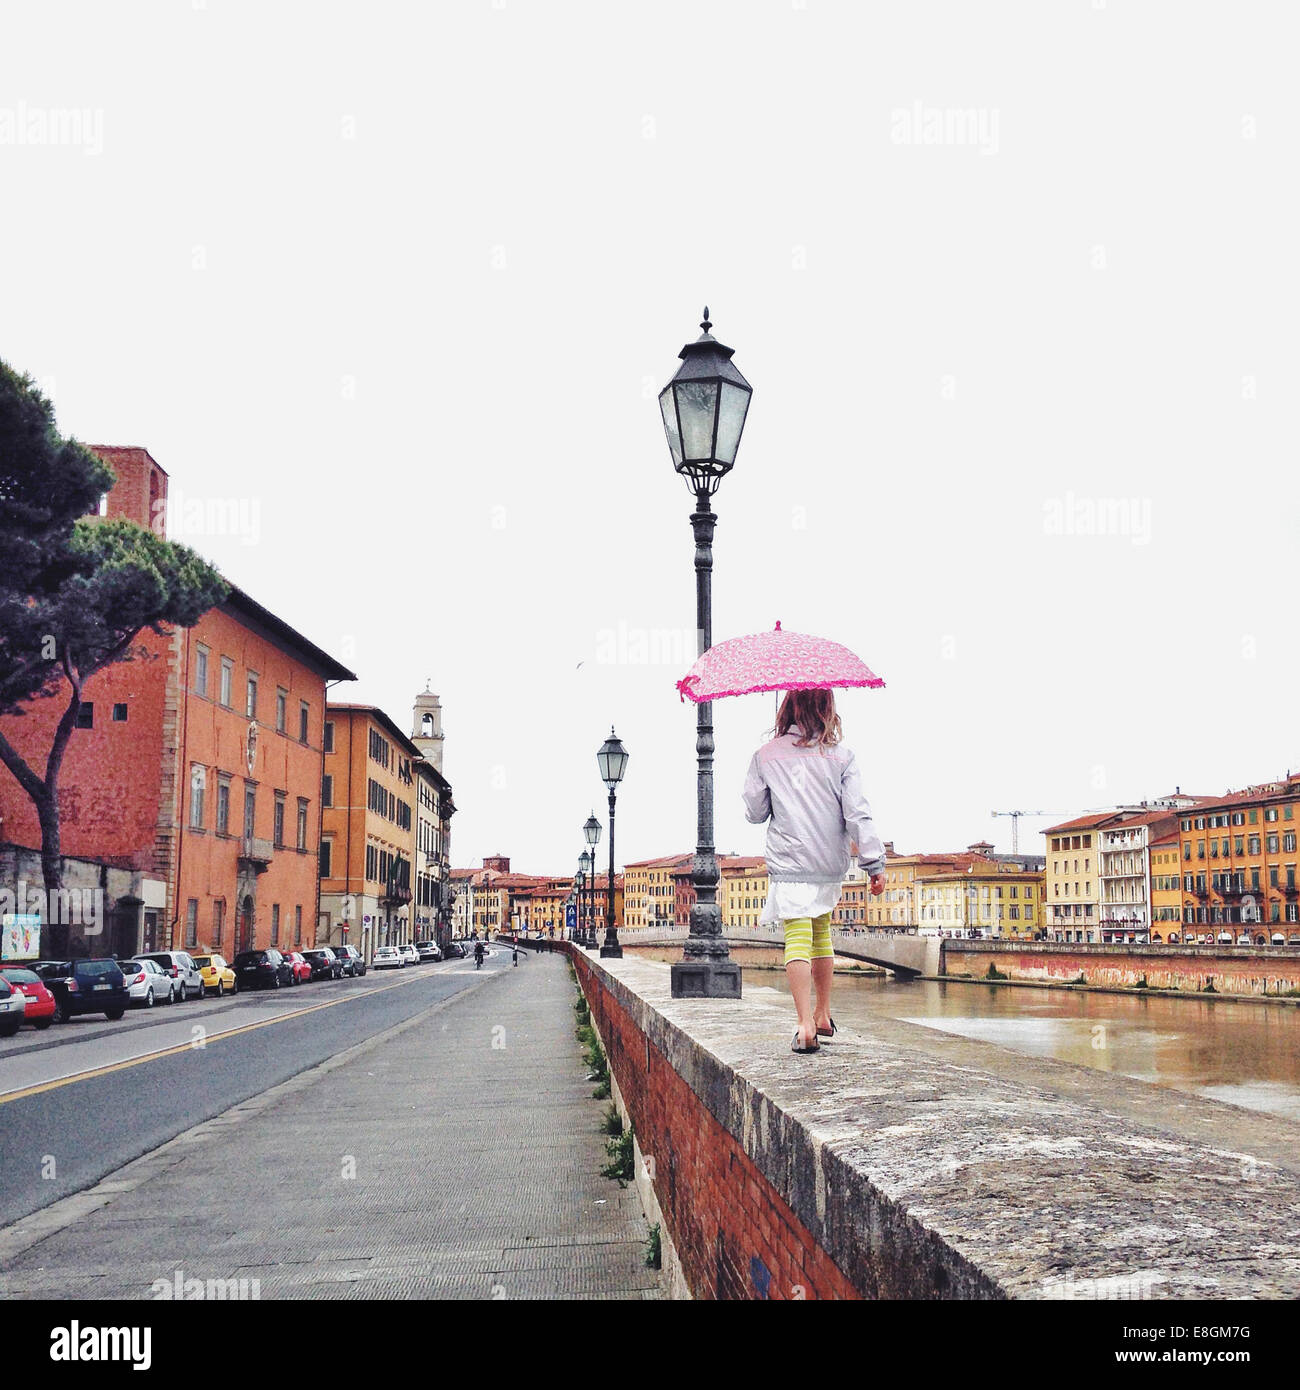 Italie, Toscane, Pise, Girl (12-13) with umbrella walking on ledge Photo Stock